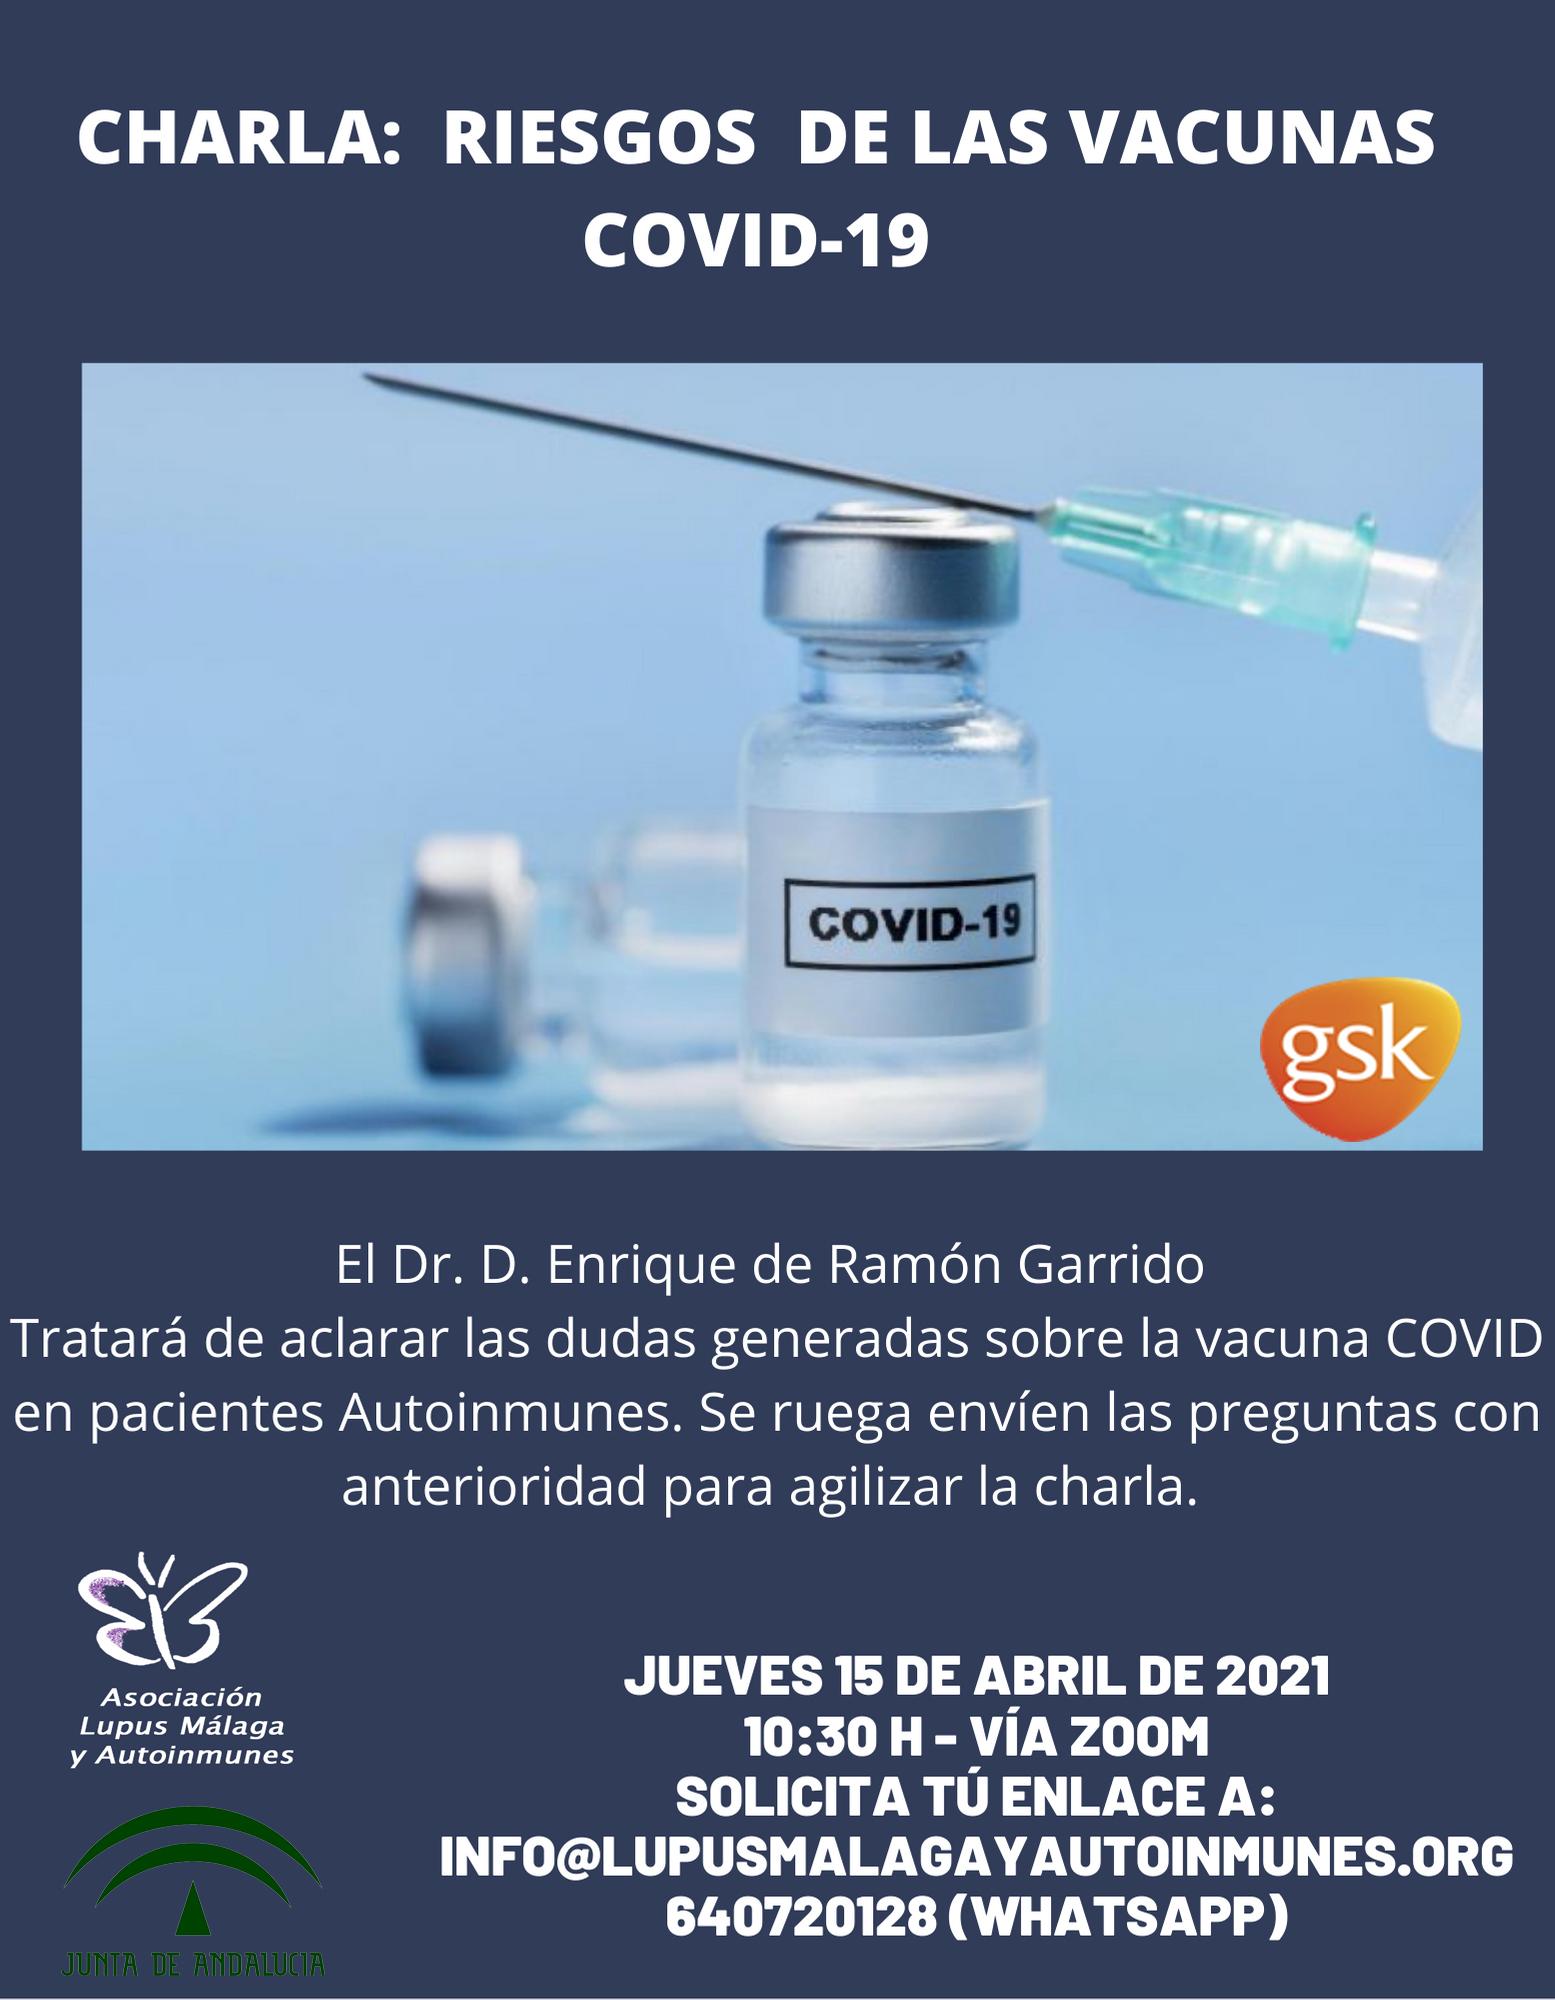 Charla: Riesgos de la Vacuna COVID-19